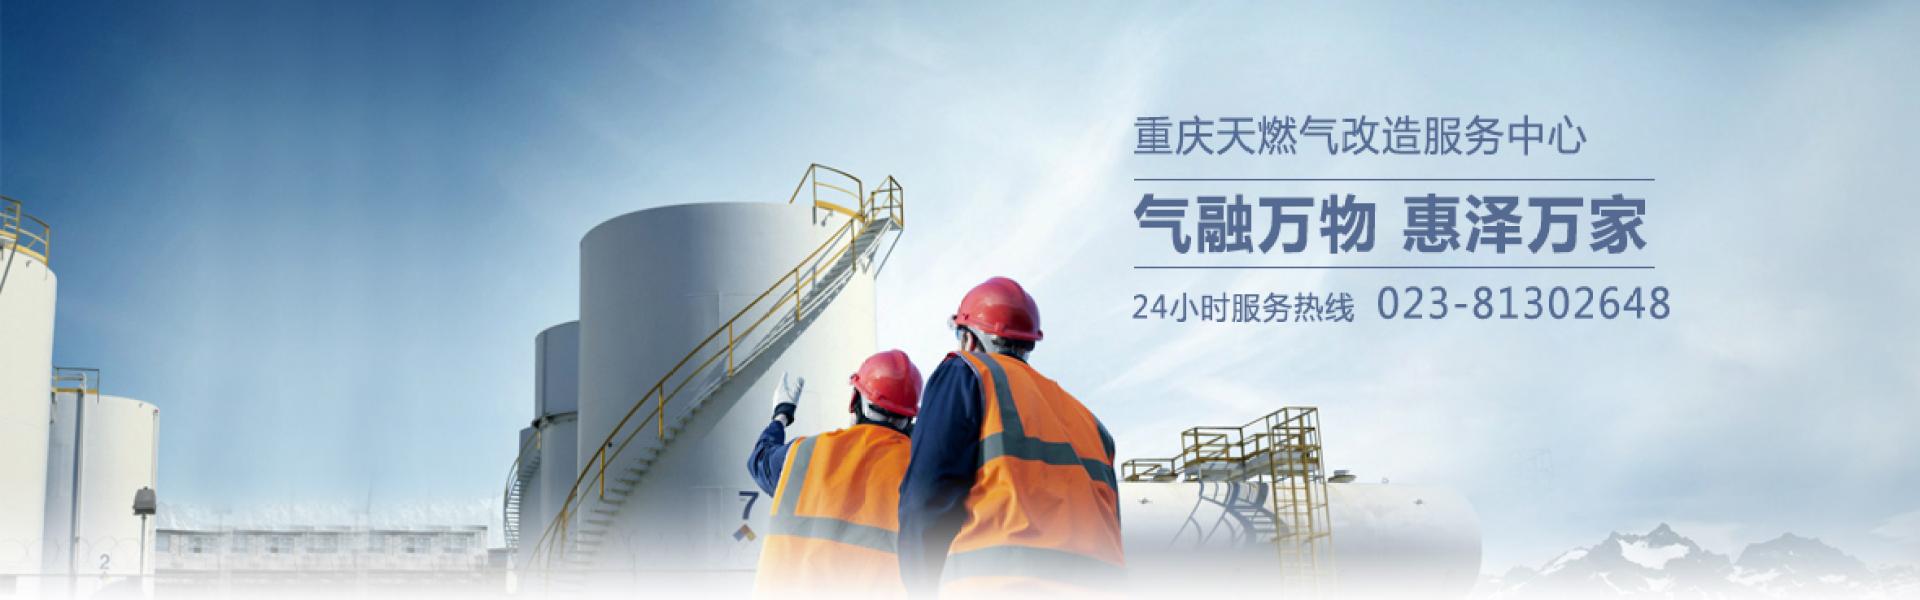 重庆天然气改造服务中心 气融万物 惠泽玩家!